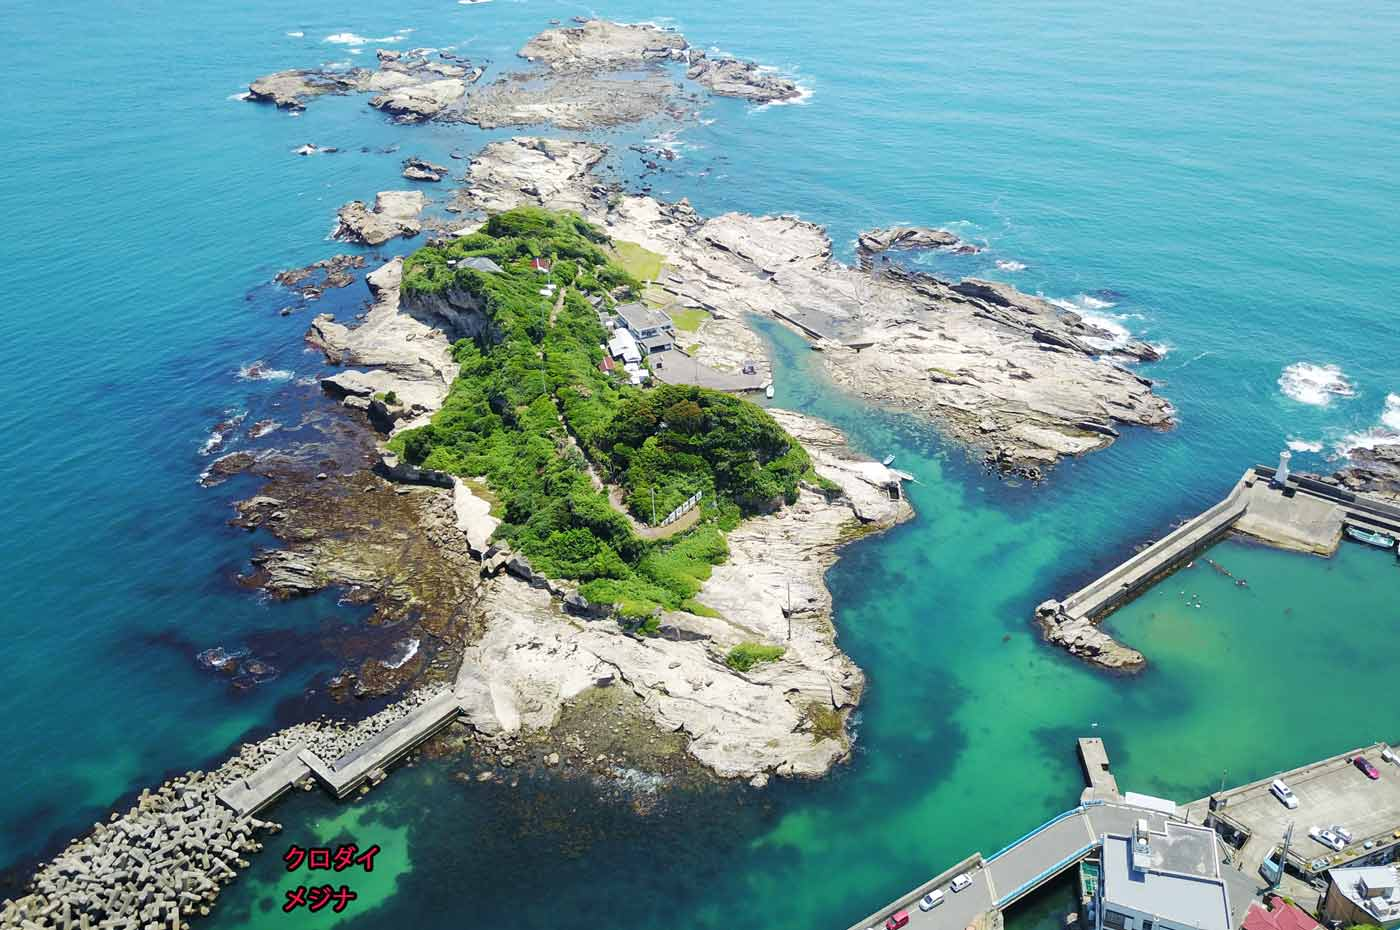 防波堤のポイントの画像